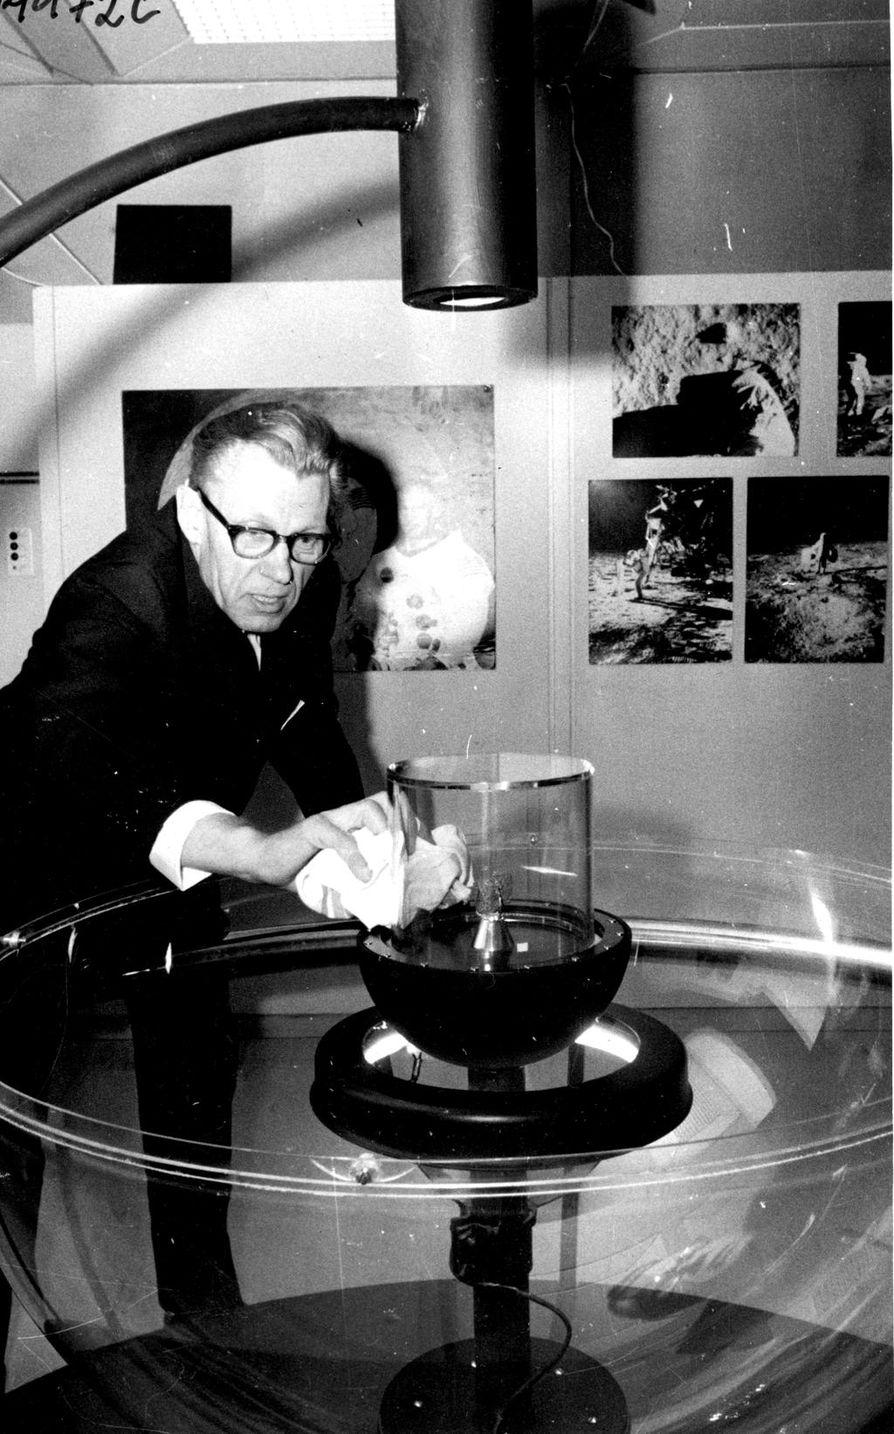 Lehdistöattasea Piltti Heiskanen pyyhki pölyjä kuukiveä ympäröivästä lieriöstä vielä hetki ennen kutsuvierastilaisuuden alkua.